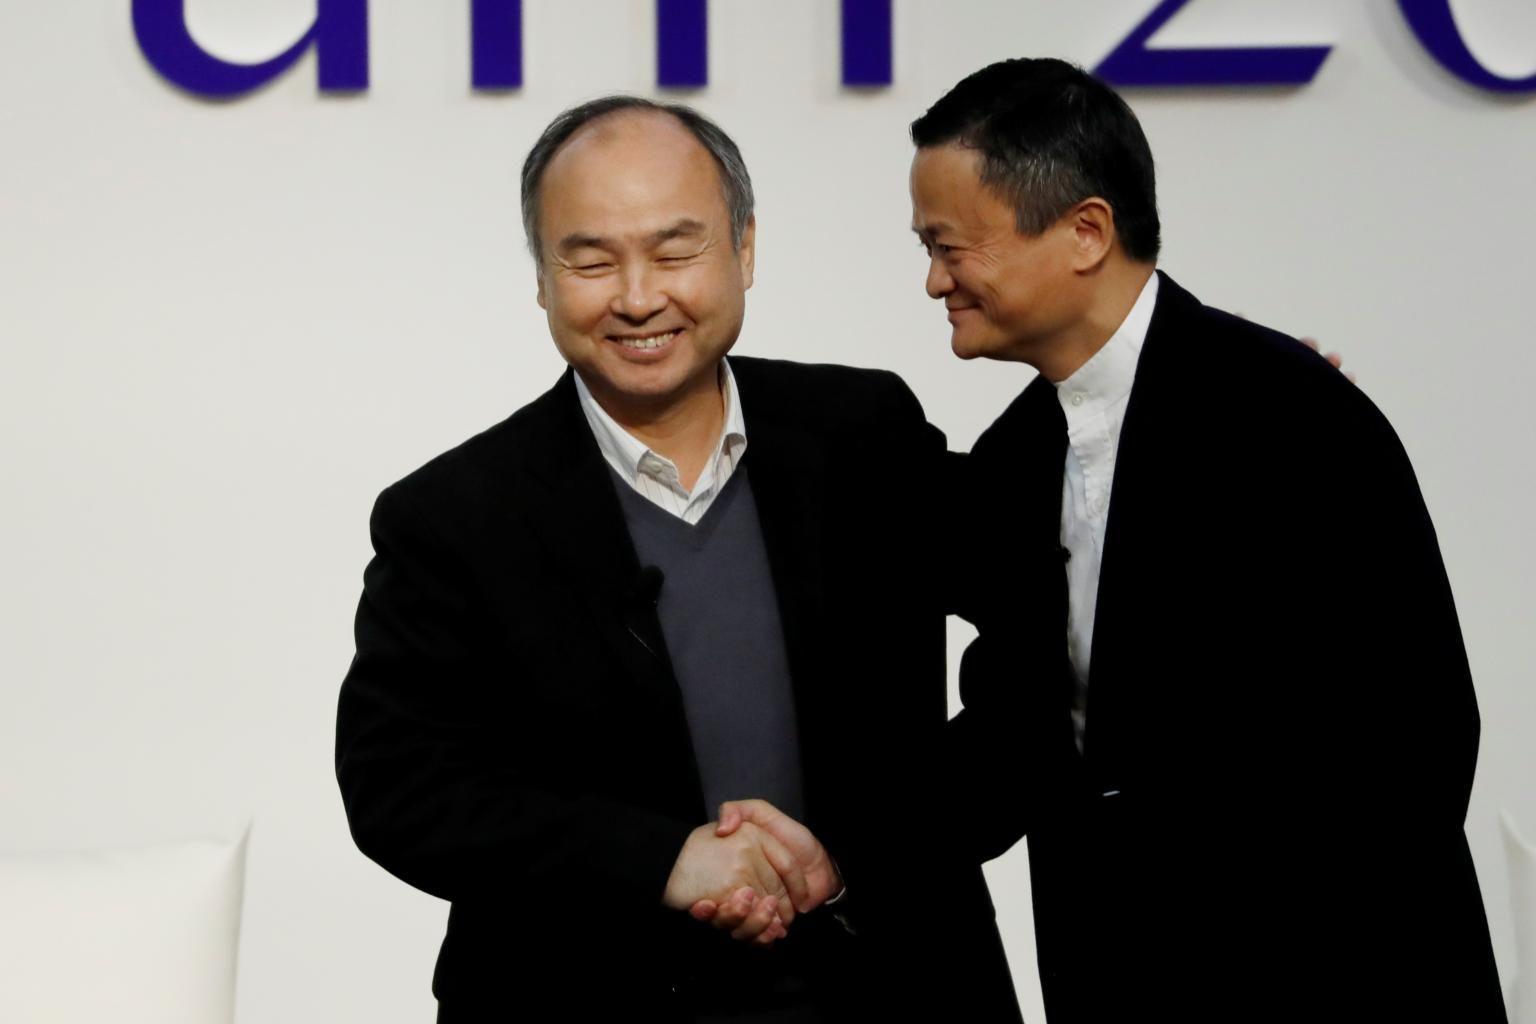 Tỉ phú Jack Ma rời ghế trong ban hội đồng quản trị tại Softbank - Ảnh 1.